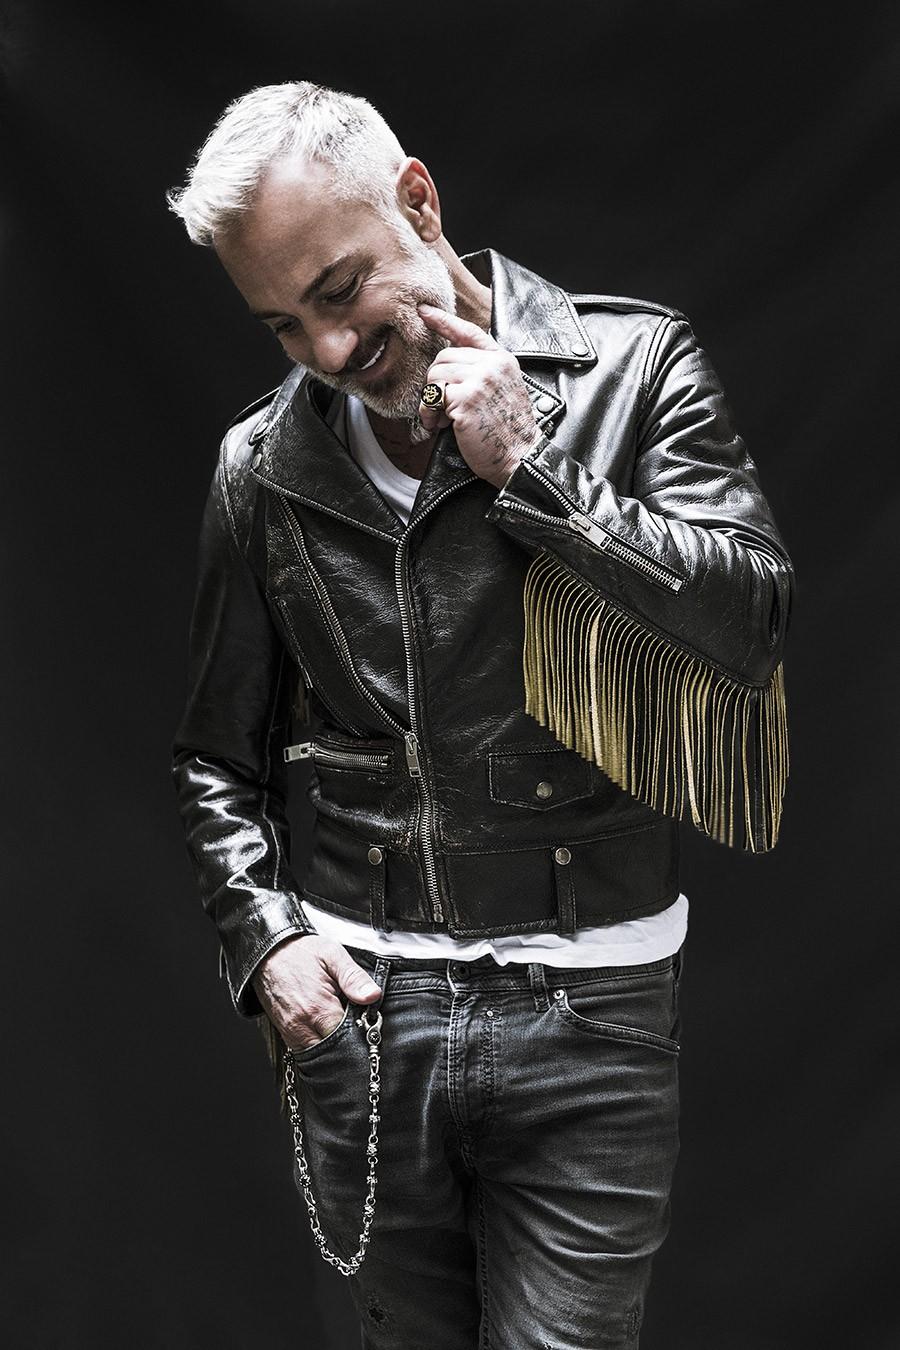 El famoso empresario e entertainer italiano Gianluca Vacchi arrasa este verano en la isla de Ibiza con la fiesta latina 'VIBRA!'